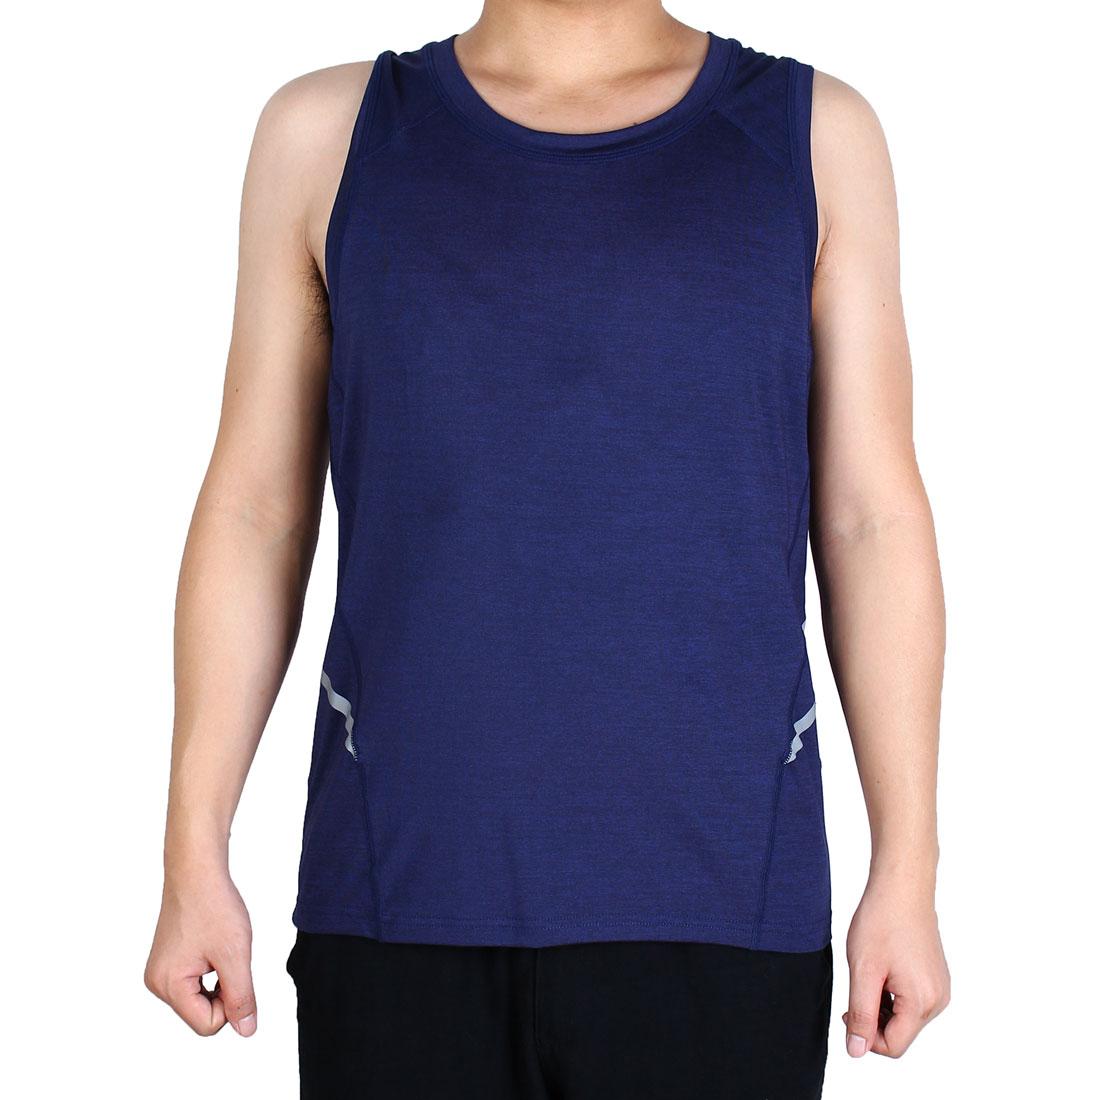 Men Sleeveless T-shirt Activewear Vest Exercise Sports Tank Top Navy Blue XL